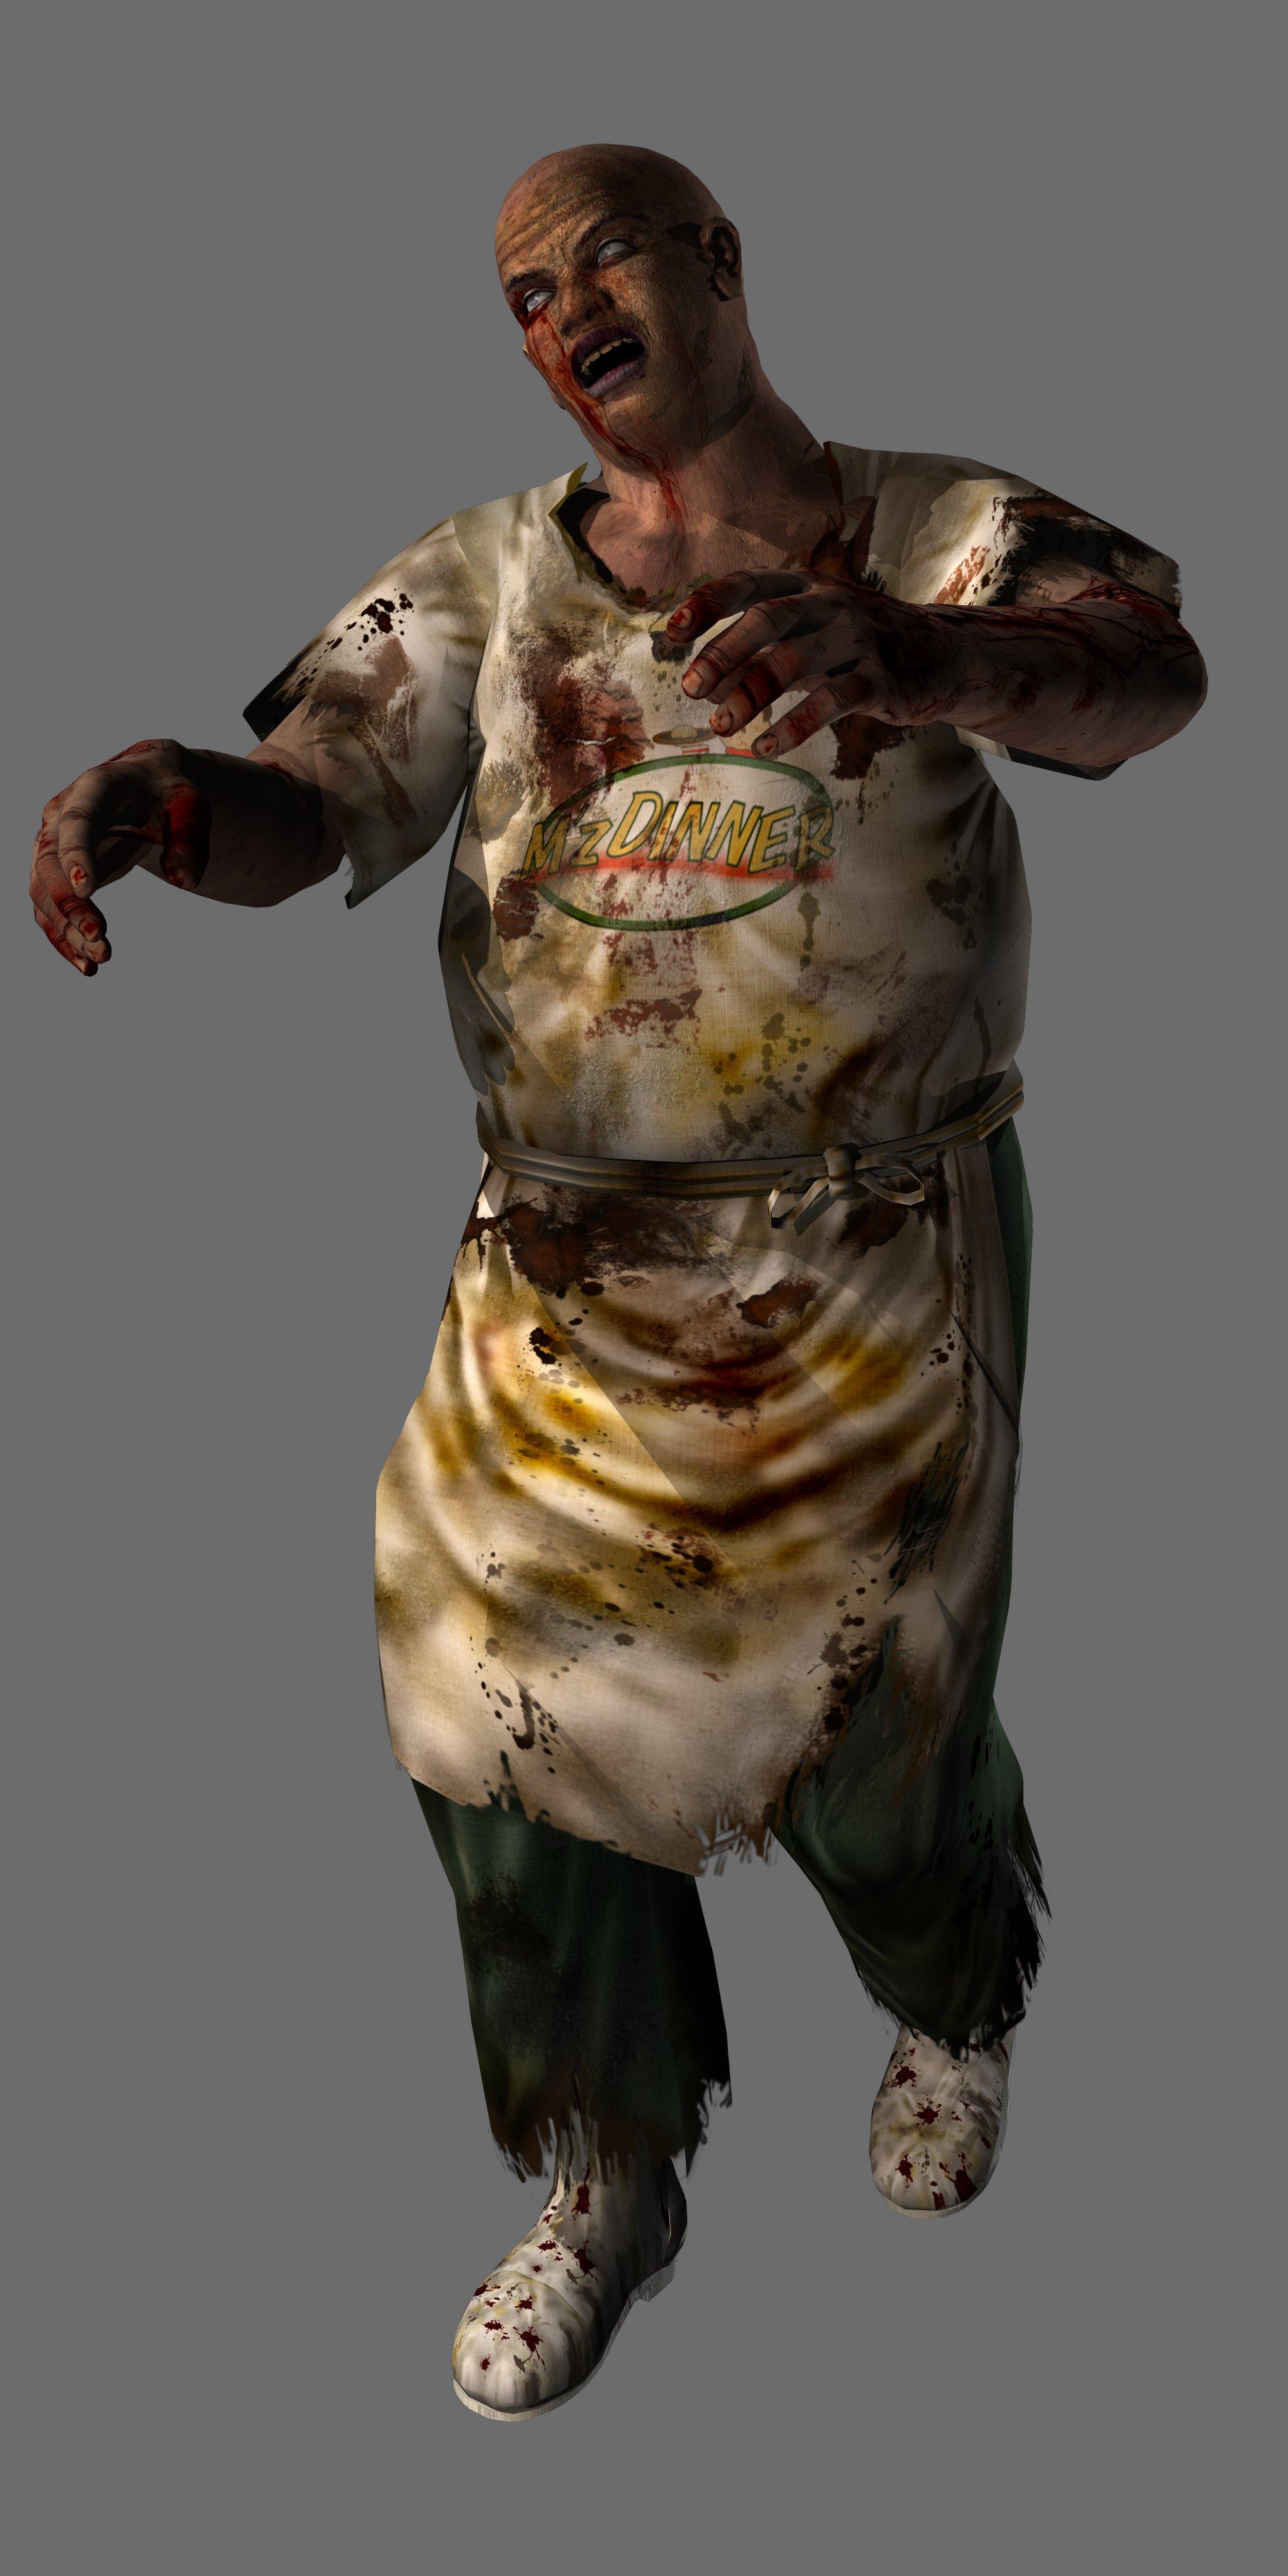 RE3 Zombie